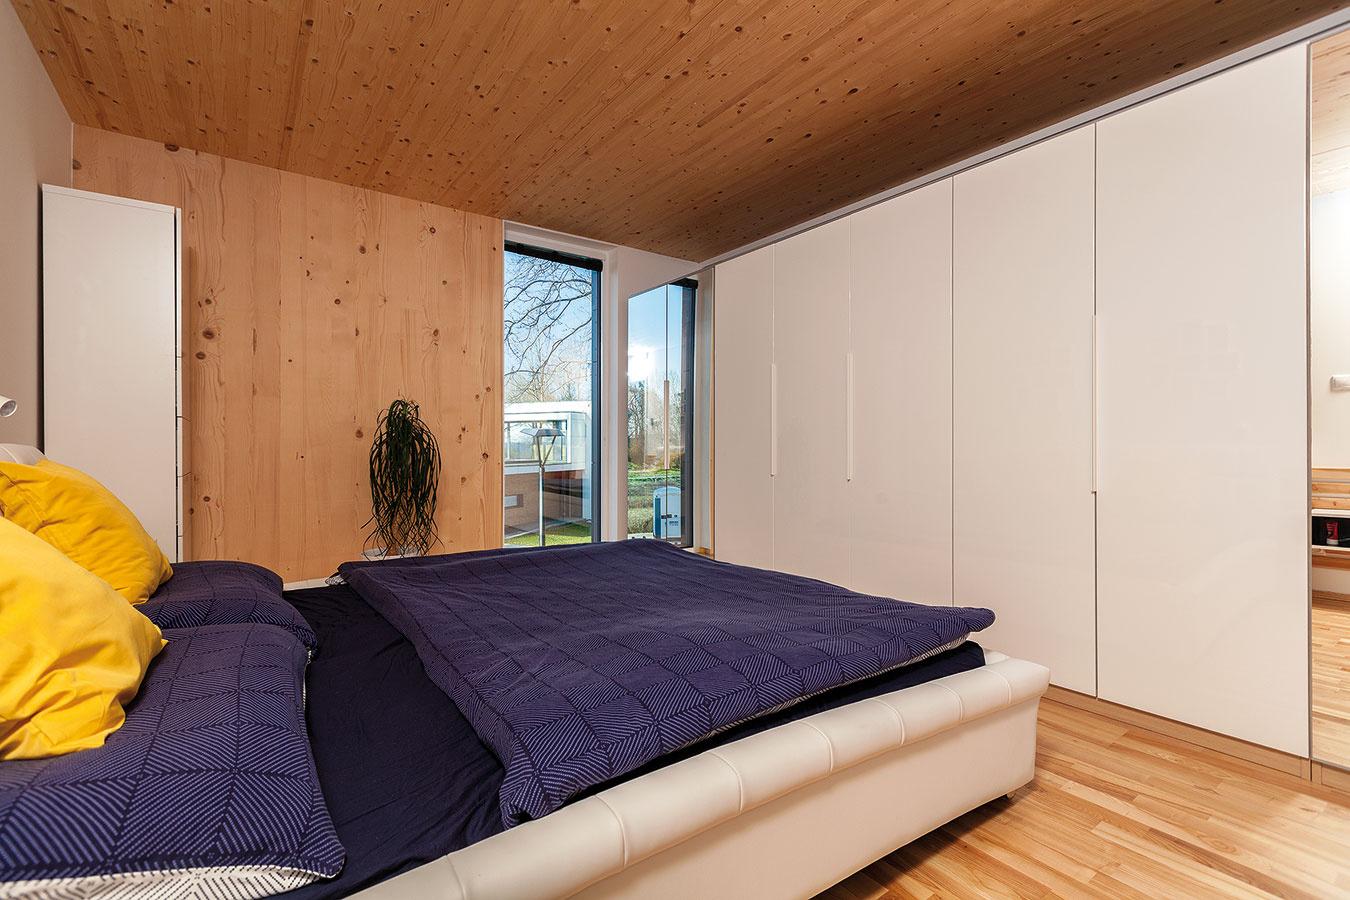 V spálni by bola prirodzene očakávaná presklená stena smerom do spoločnej záhrady. Manželia však uprednostnili väčšie súkromie a potrebu úložných priestorov, preto tento priestor využili na šatníkovú skriňu.